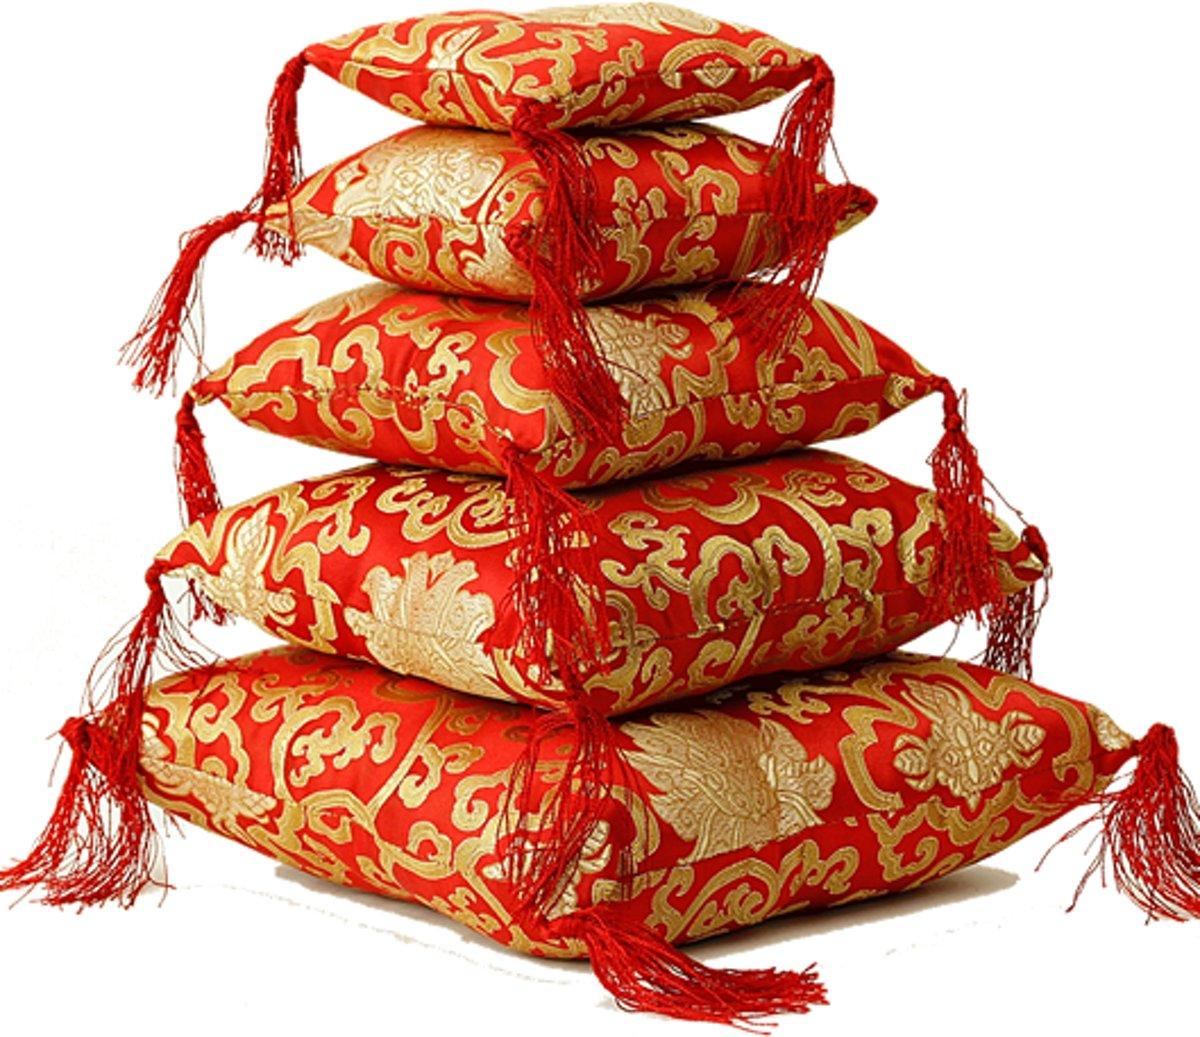 Klankschaalkussen rood met bloemmotief - 18x18x5 cm - M